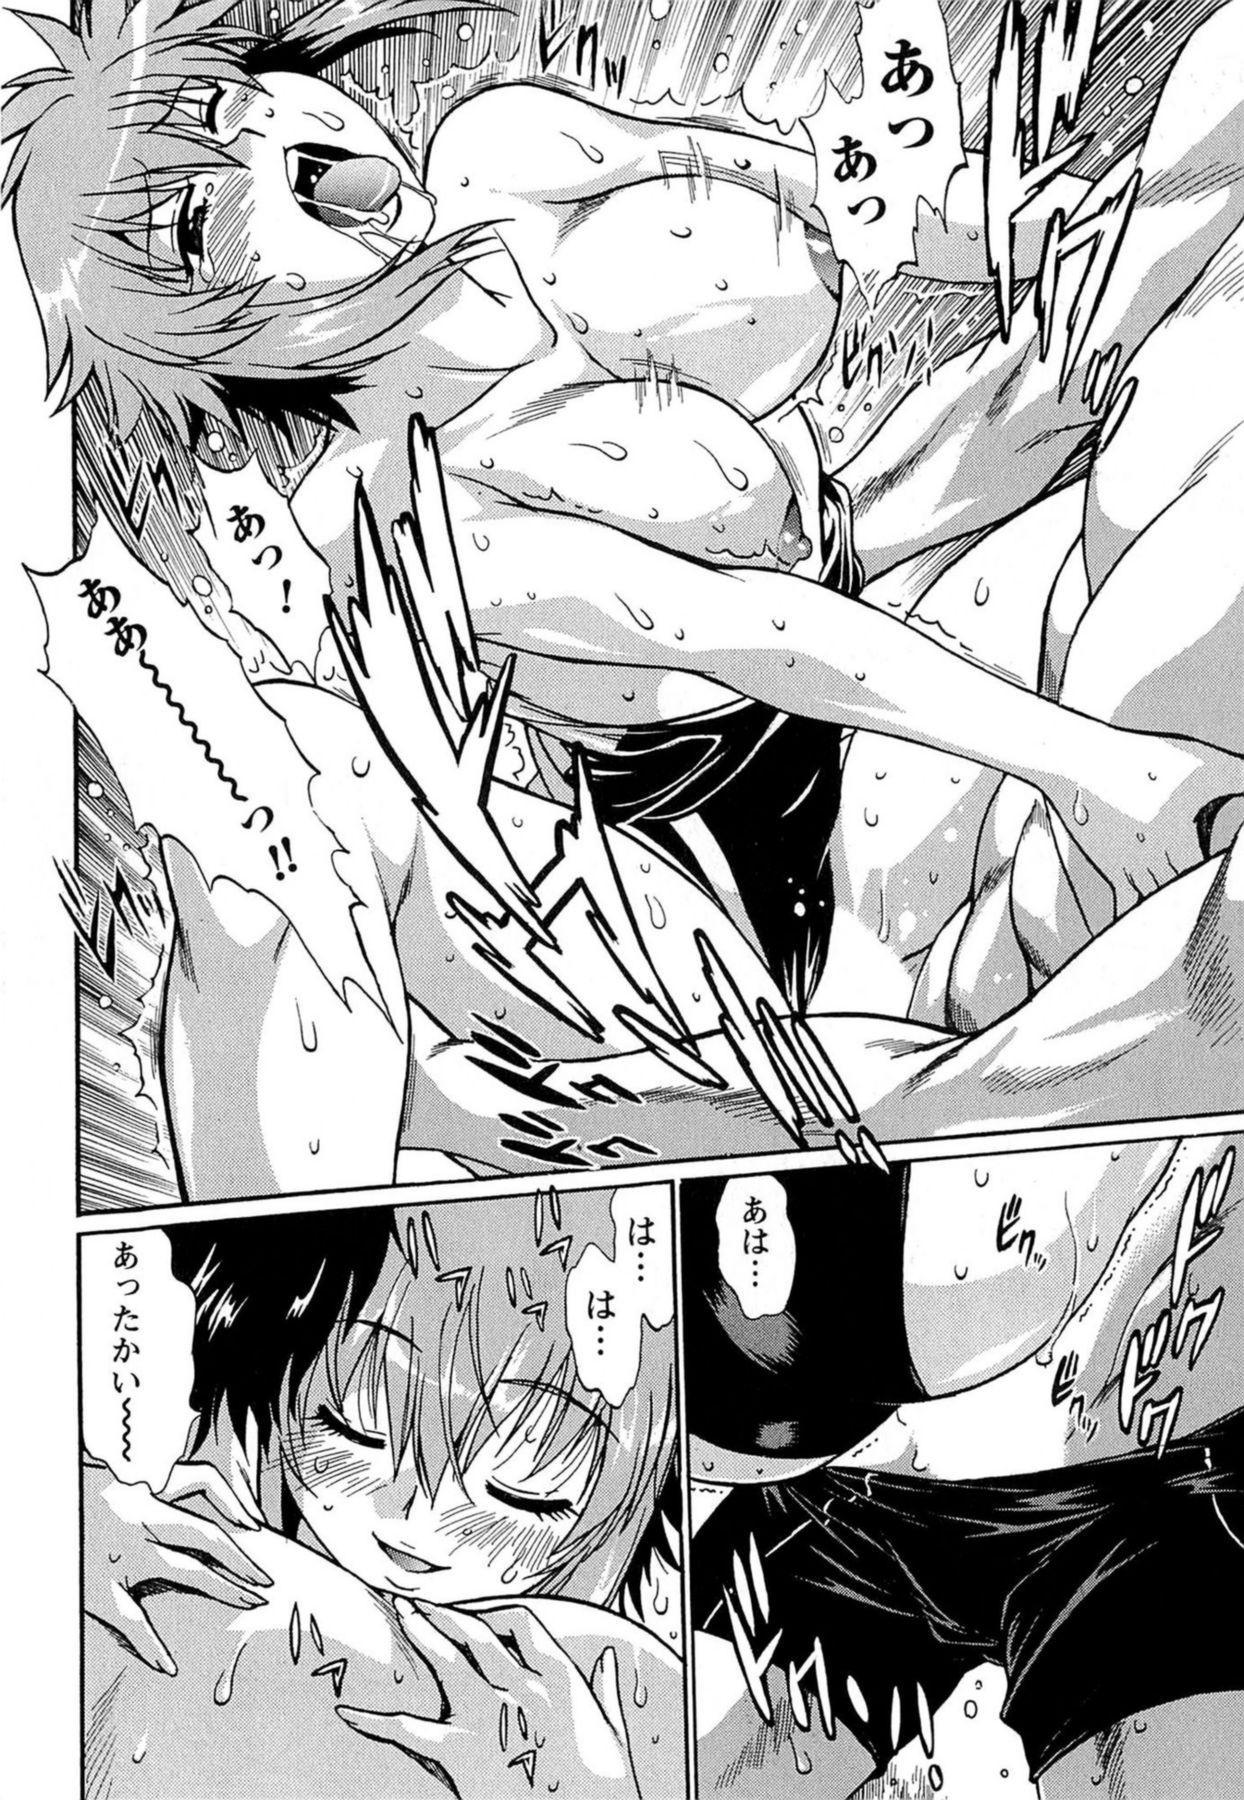 Kuikomi wo Naoshiteru Hima wa Nai! Vol. 1 86